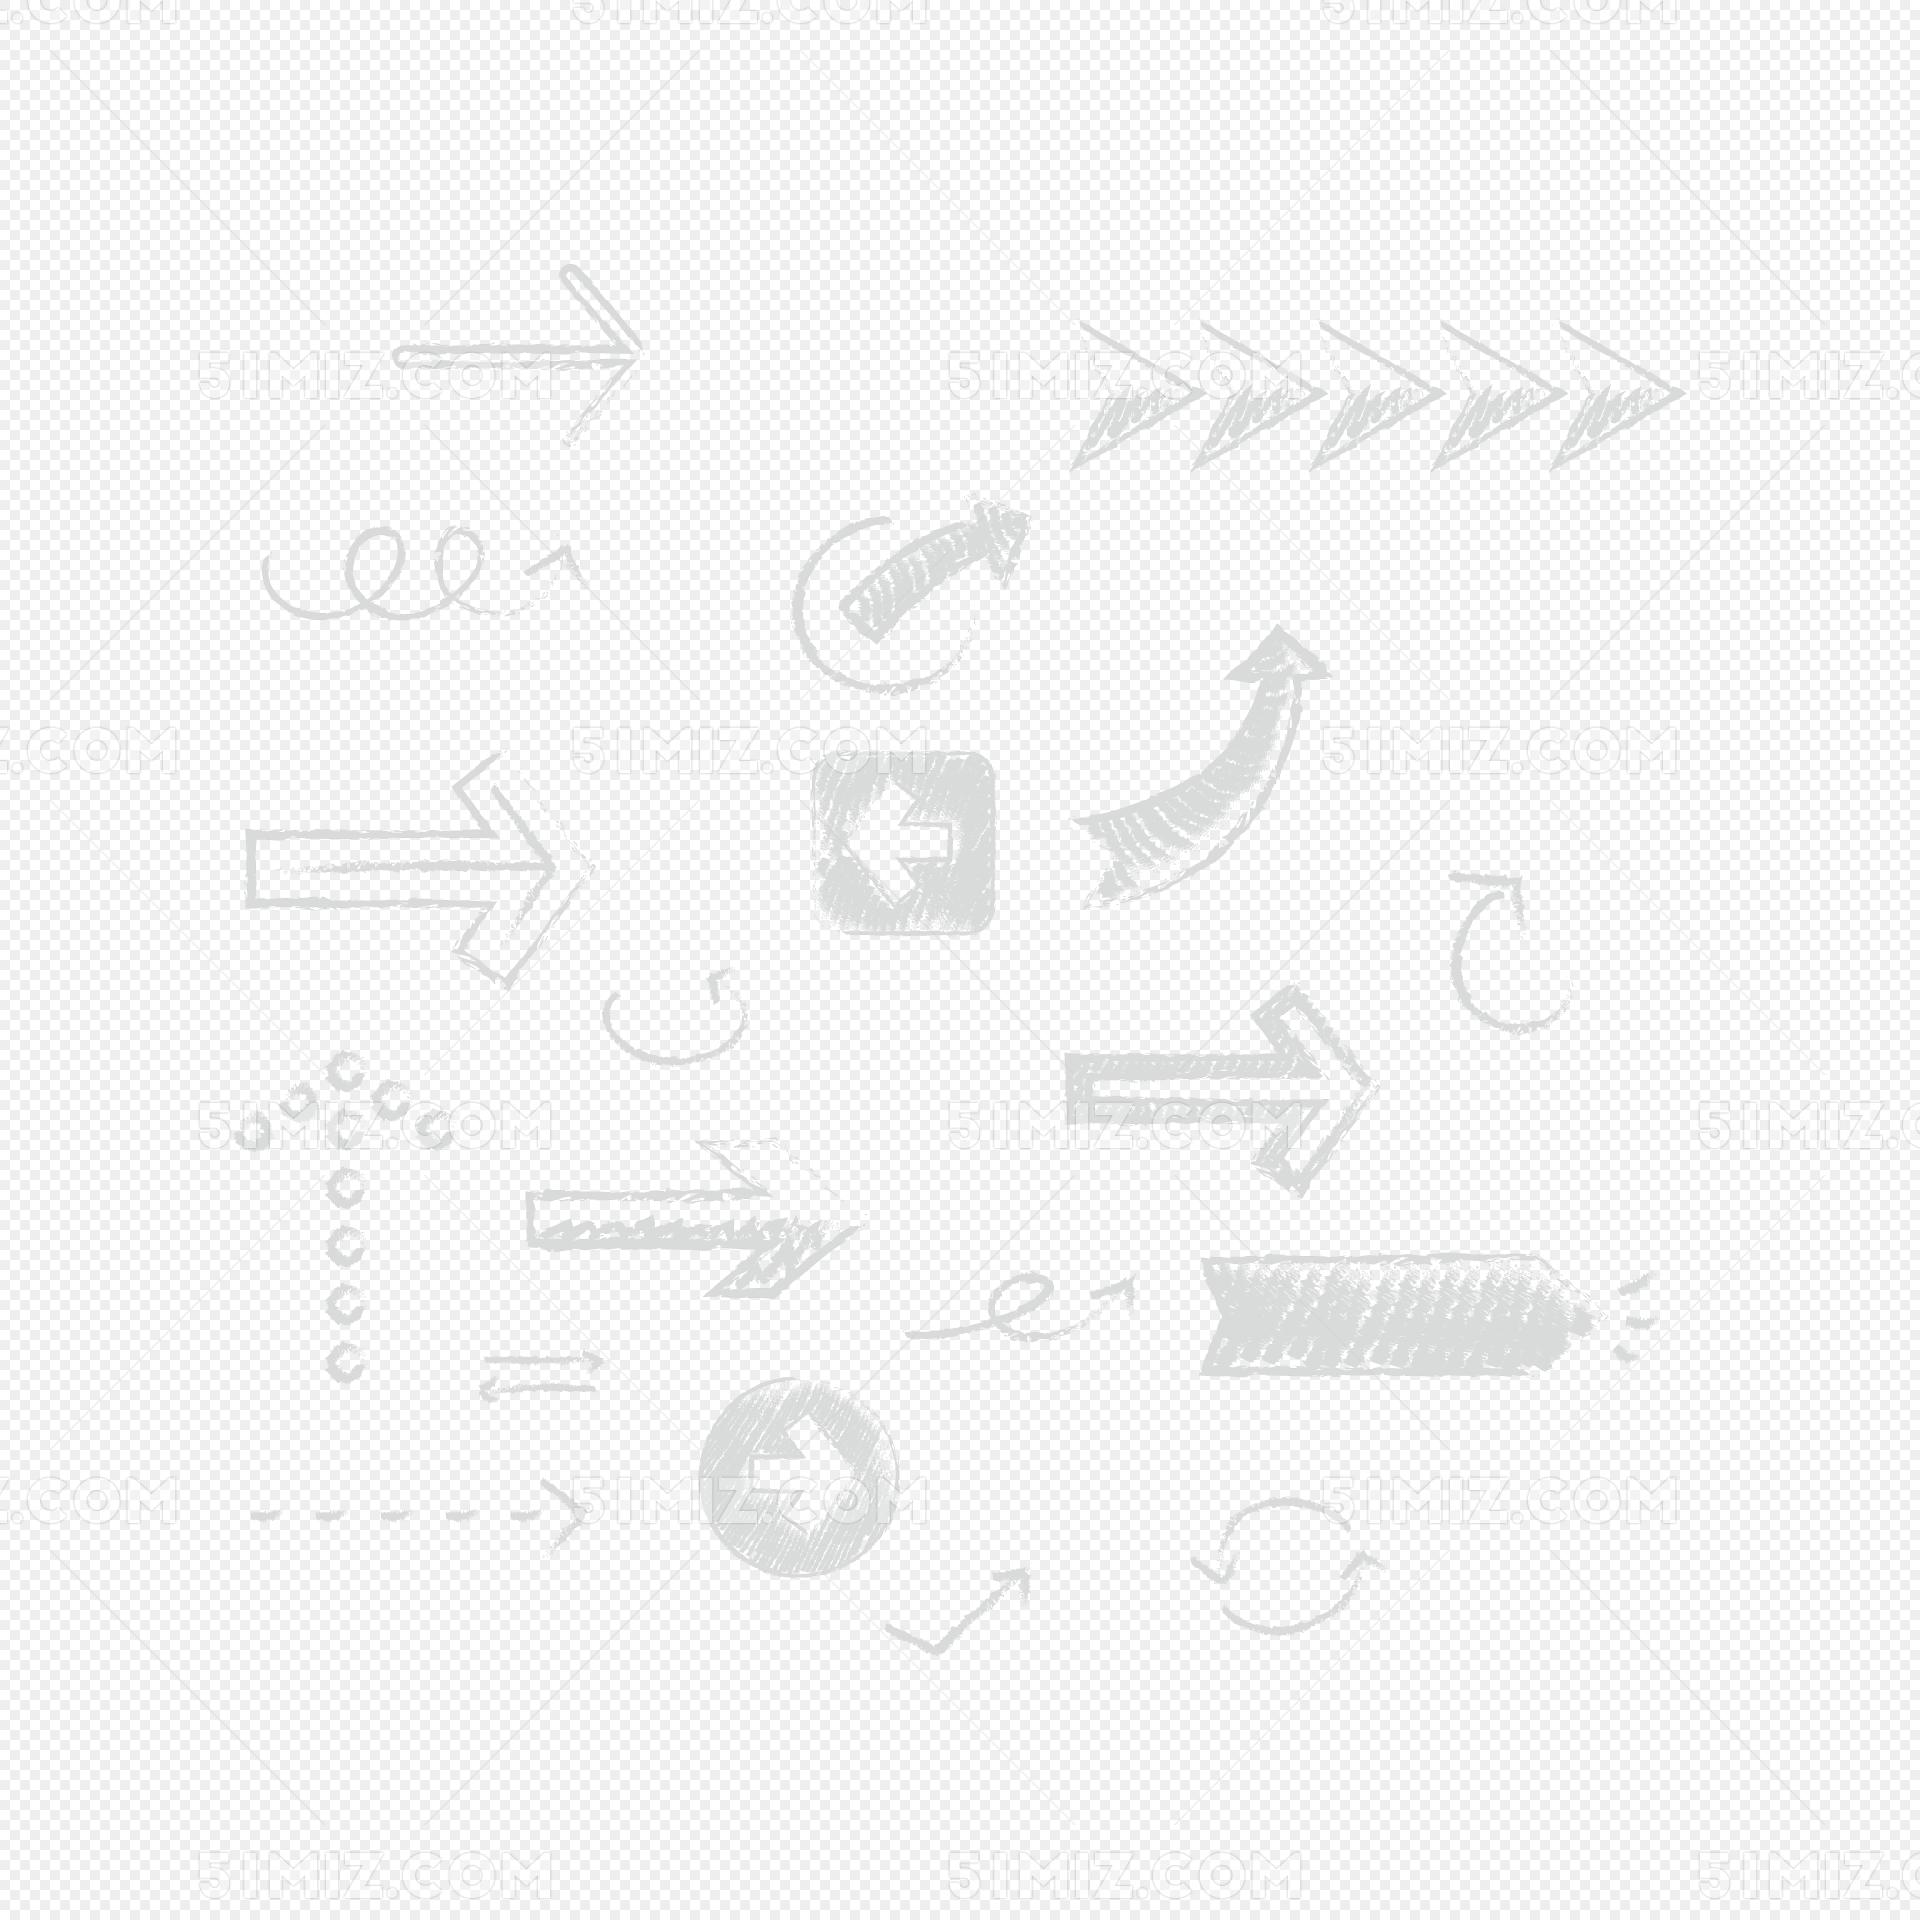 粉笔质感指示符号图标矢量图